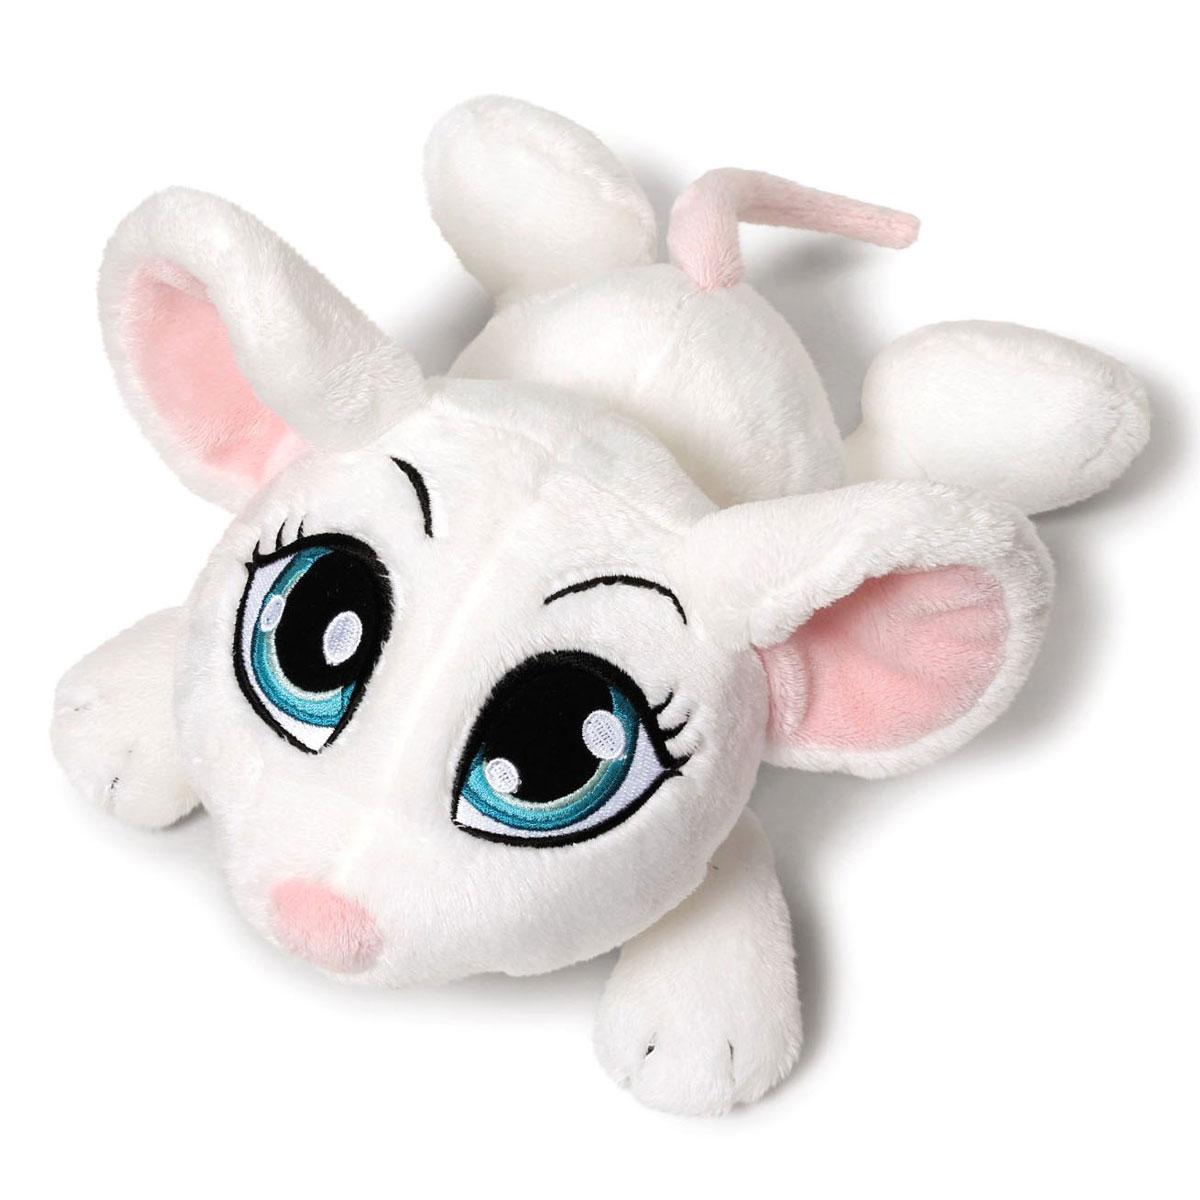 Nici Мягкая игрушка Мышка цвет белый 15 см37765Очаровательная мягкая игрушка Nici Мышка выполнена в виде симпатичного плюшевого мышонка. Игрушка изготовлена из высококачественного текстильного материала белого цвета. Игрушка невероятно мягкая и приятная на ощупь, вам не захочется выпускать ее из рук. У мышки огромные вышитые глазки, розовые ушки и длинный хвостик. Удивительно мягкая игрушка принесет радость и подарит своему обладателю мгновения нежных объятий и приятных воспоминаний. Специальные гранулы, использующиеся при ее набивке, способствуют развитию мелкой моторики у малыша. Великолепное качество исполнения делают эту игрушку чудесным подарком к любому празднику. Трогательная и симпатичная, она непременно вызовет улыбку у детей и взрослых.